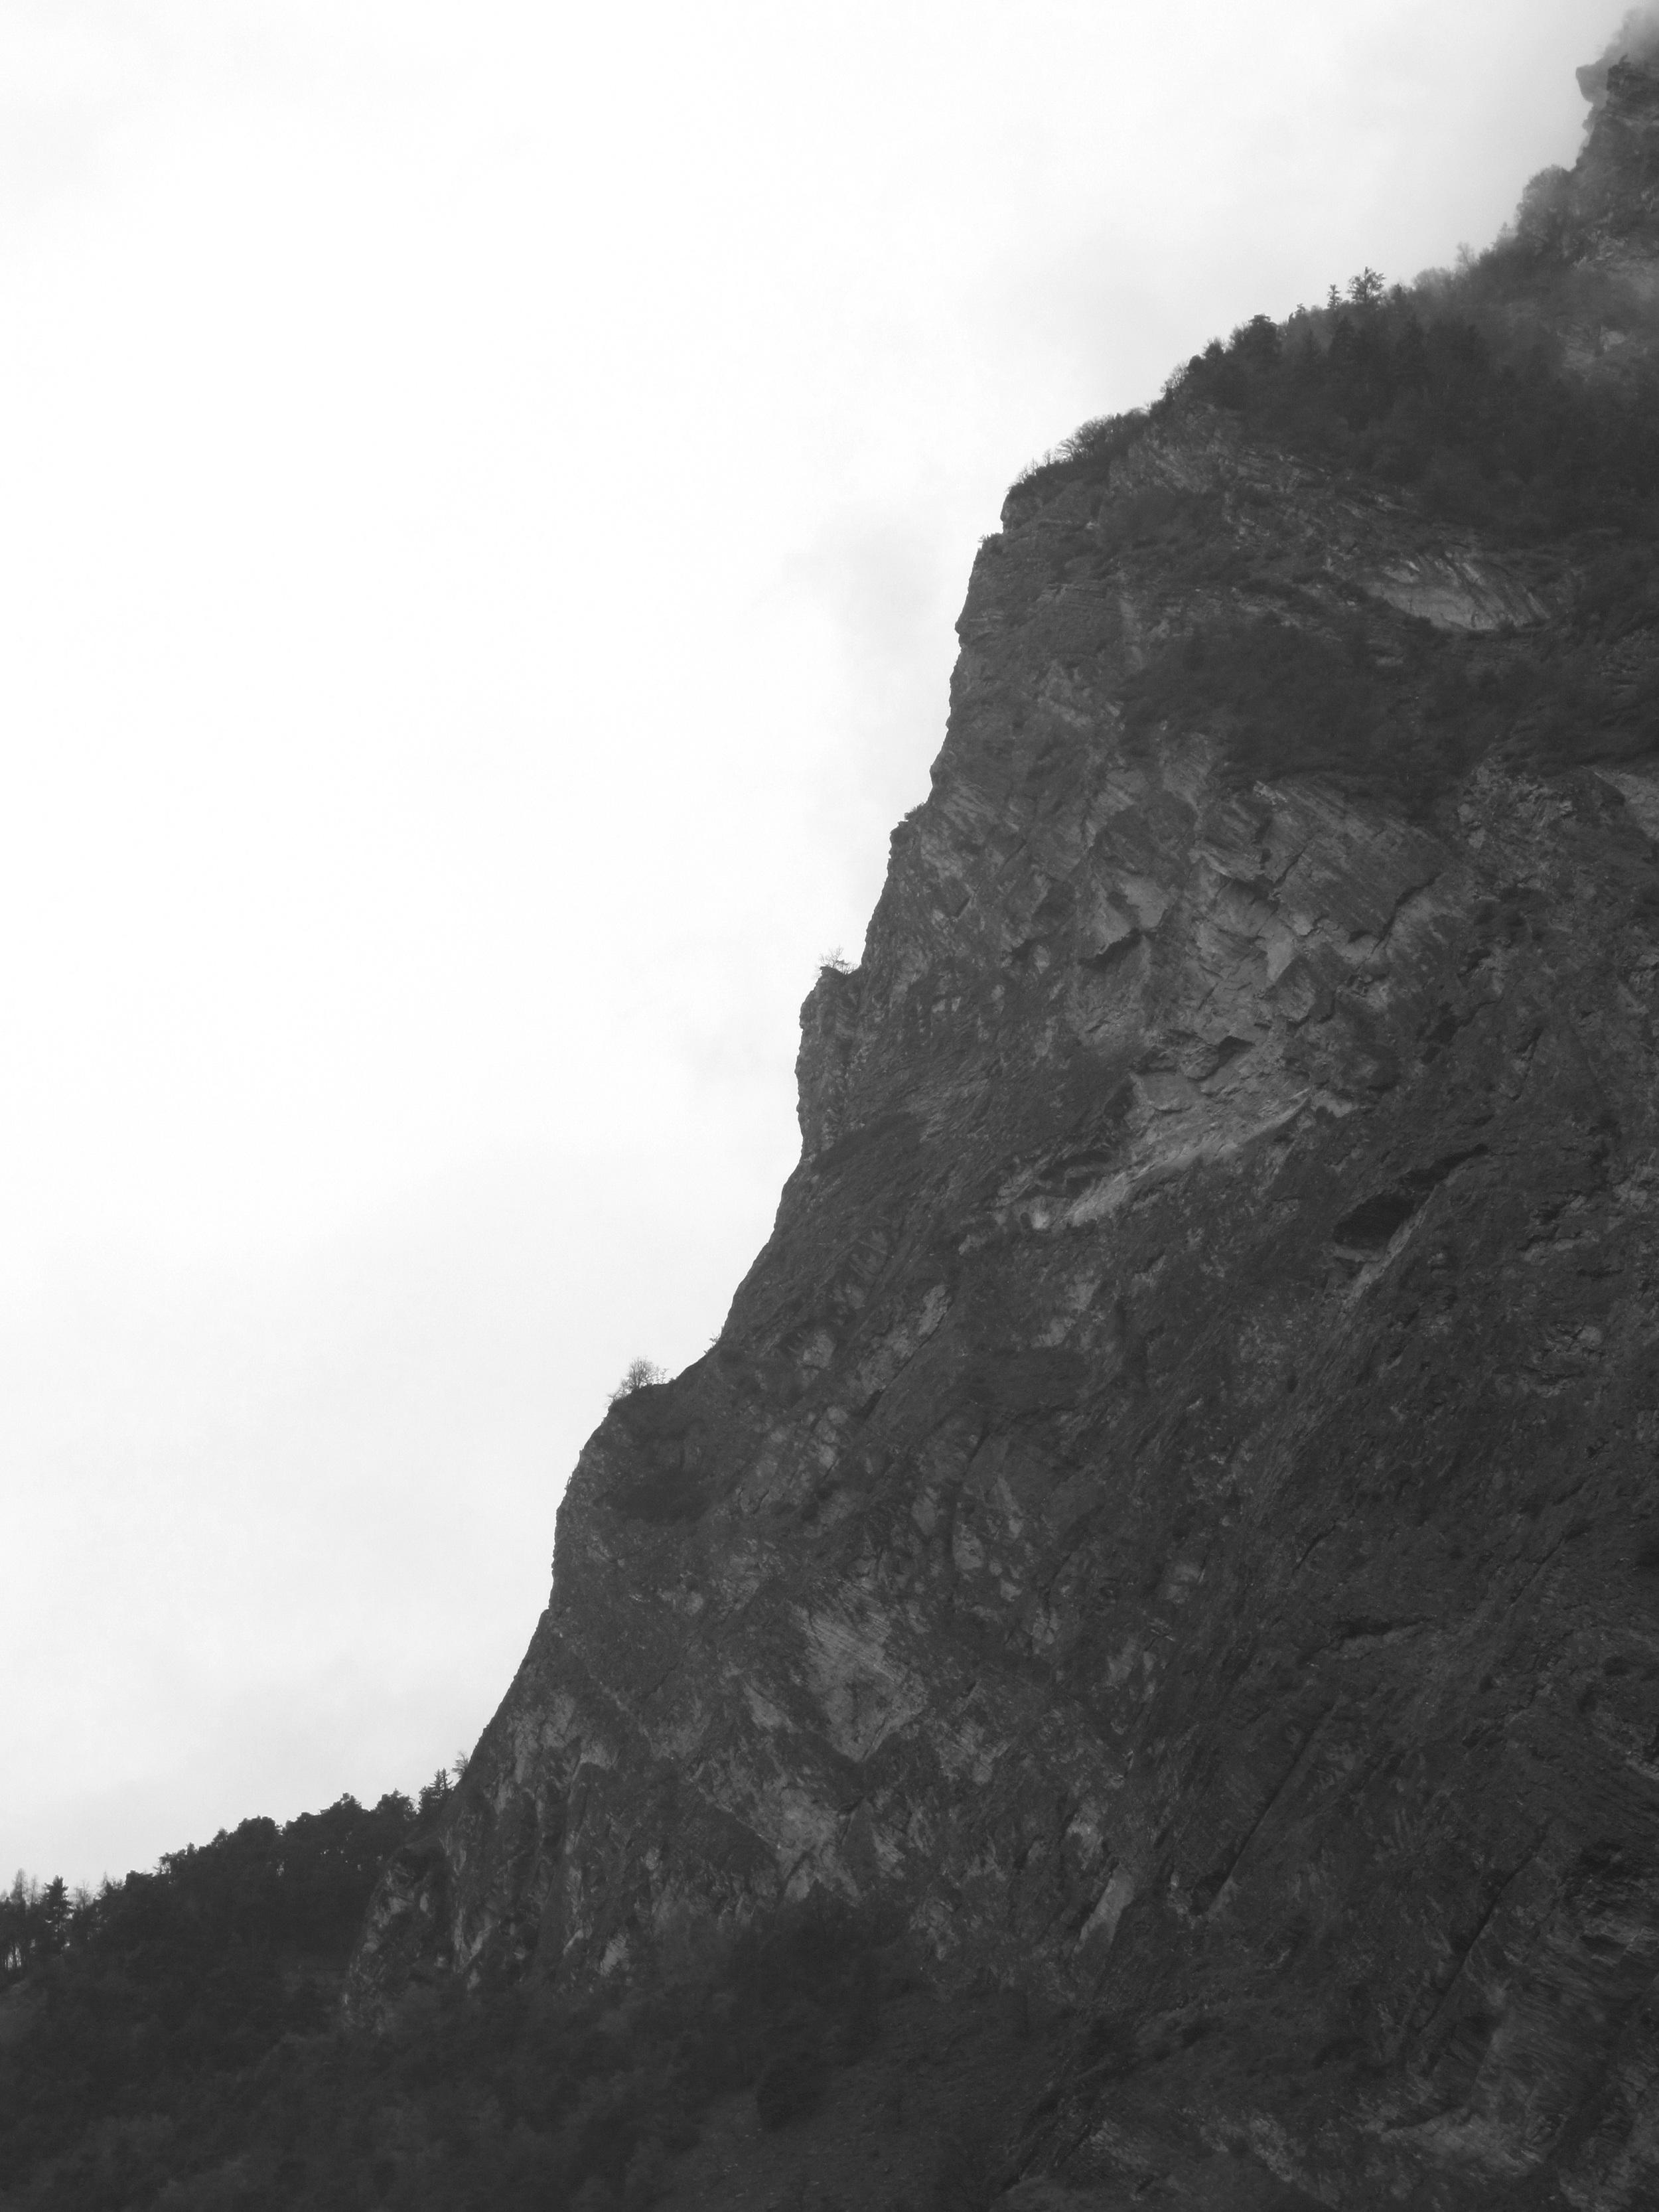 Lucie Schaeren, La grande peur, photo numérique, 2016.